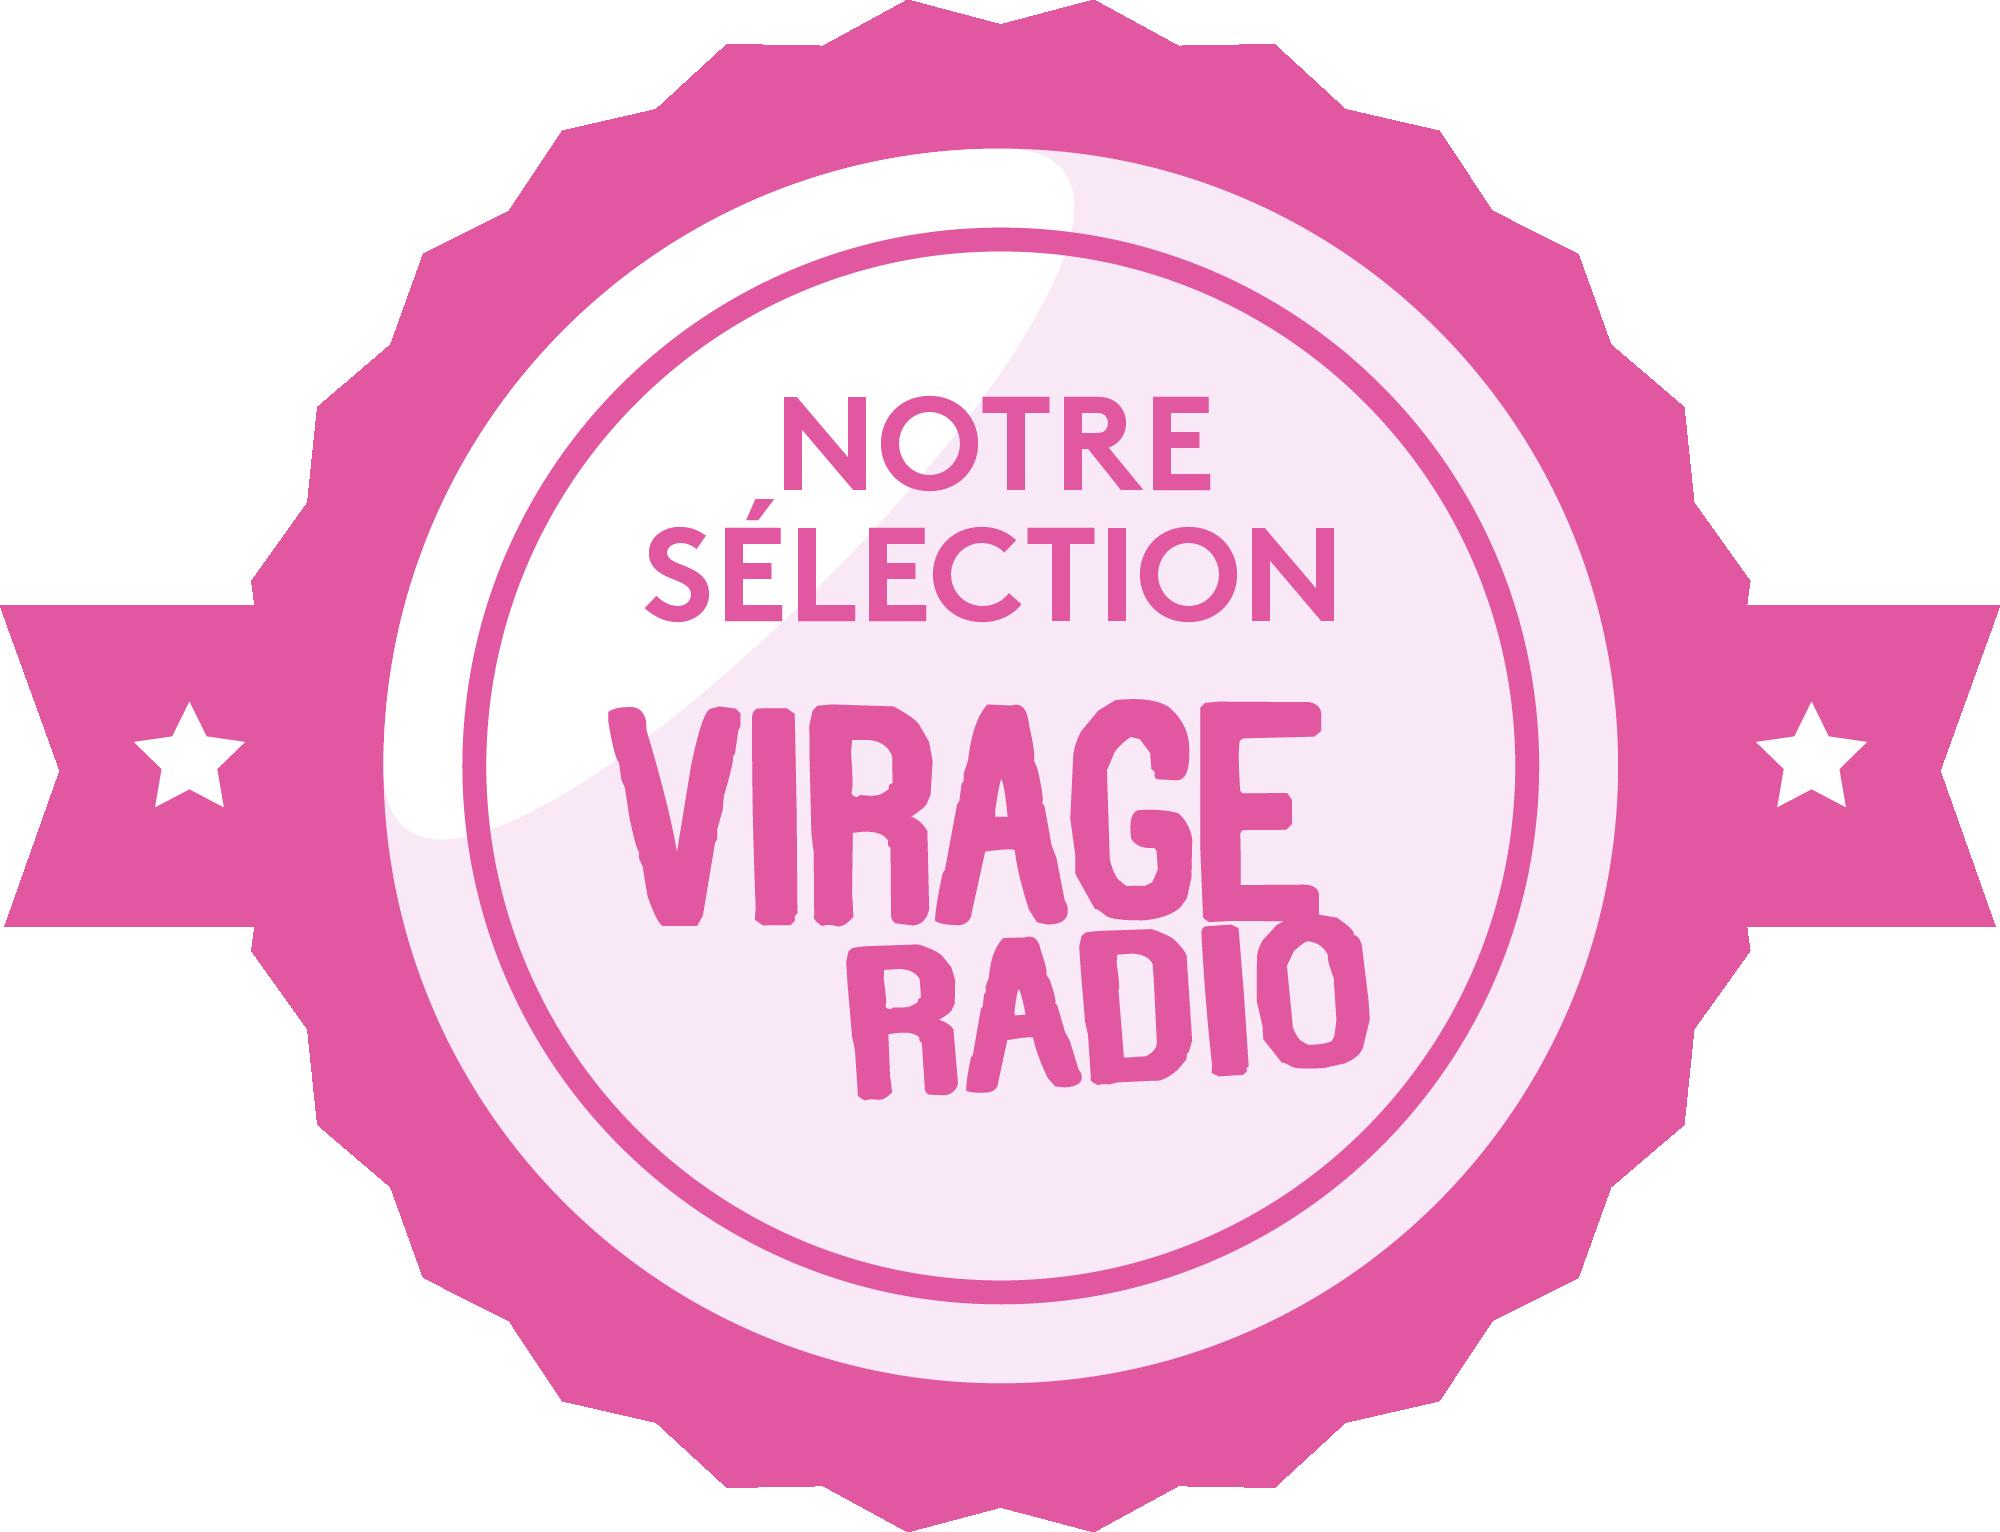 Notre sélection Virage Radio